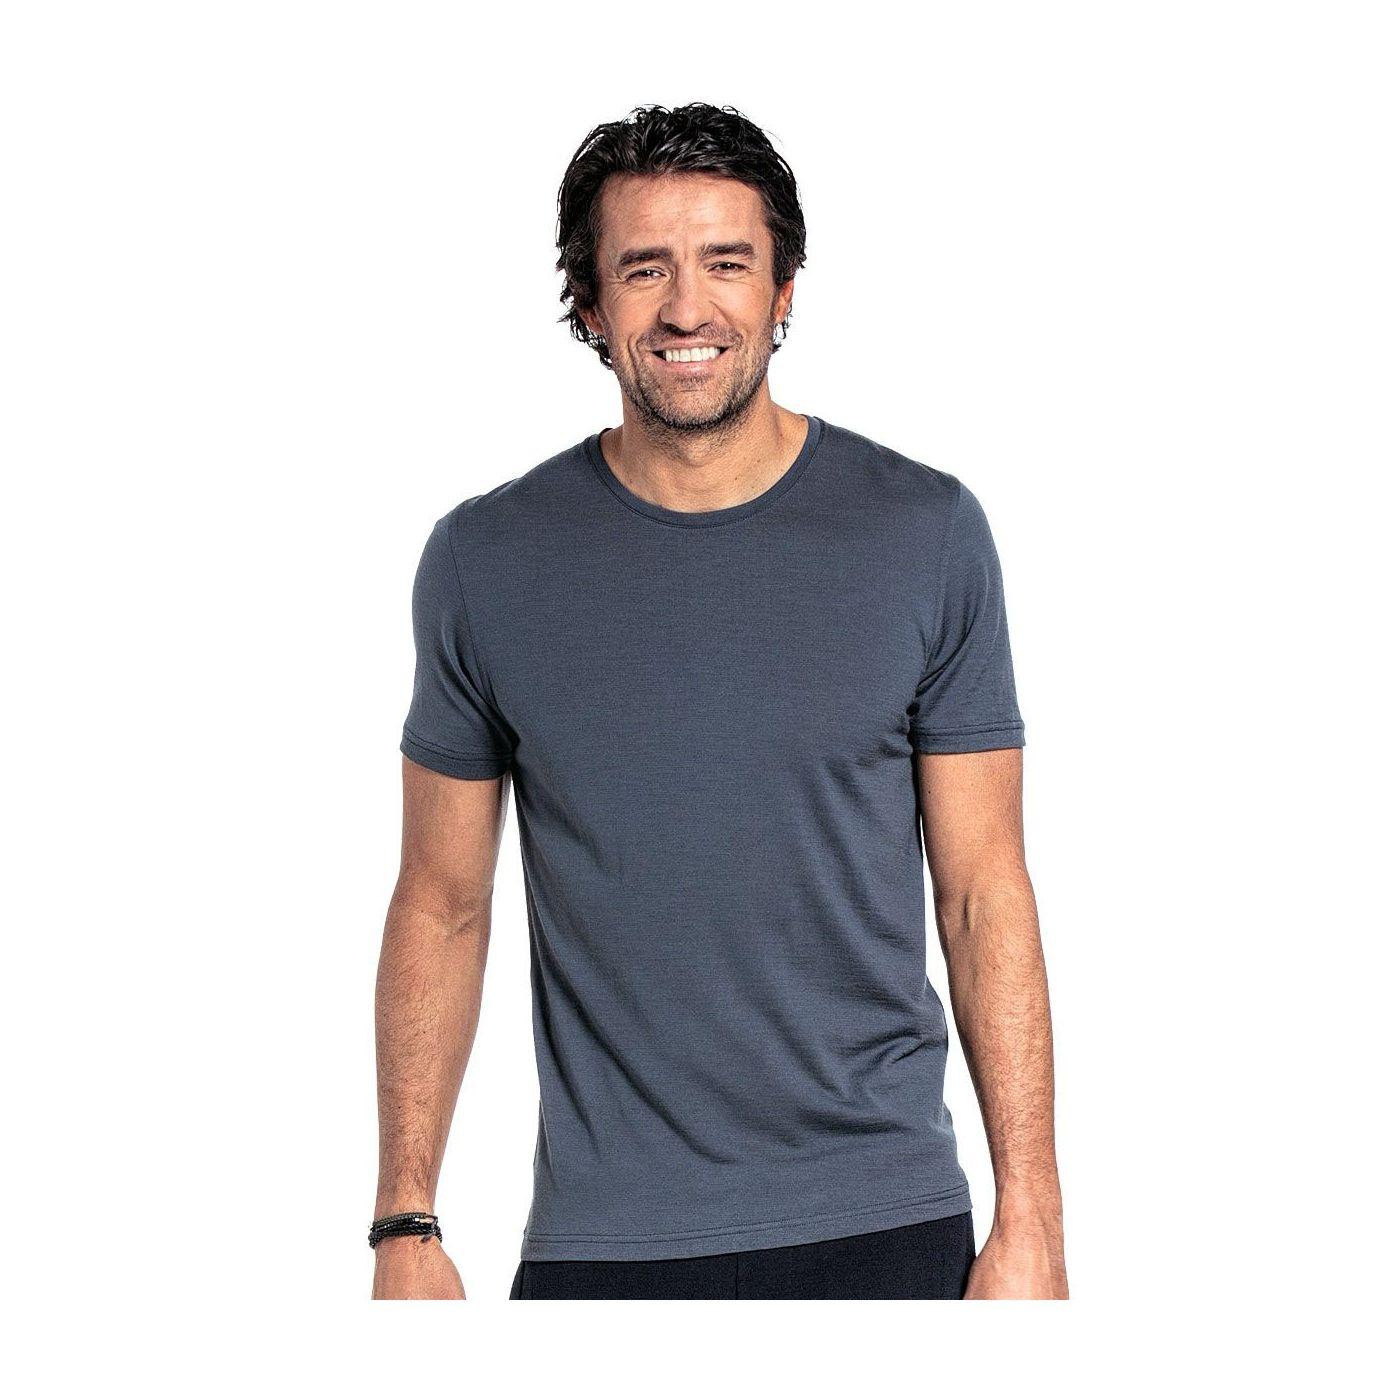 T-shirt voor mannen gemaakt van merinowol in het Grijsblauw